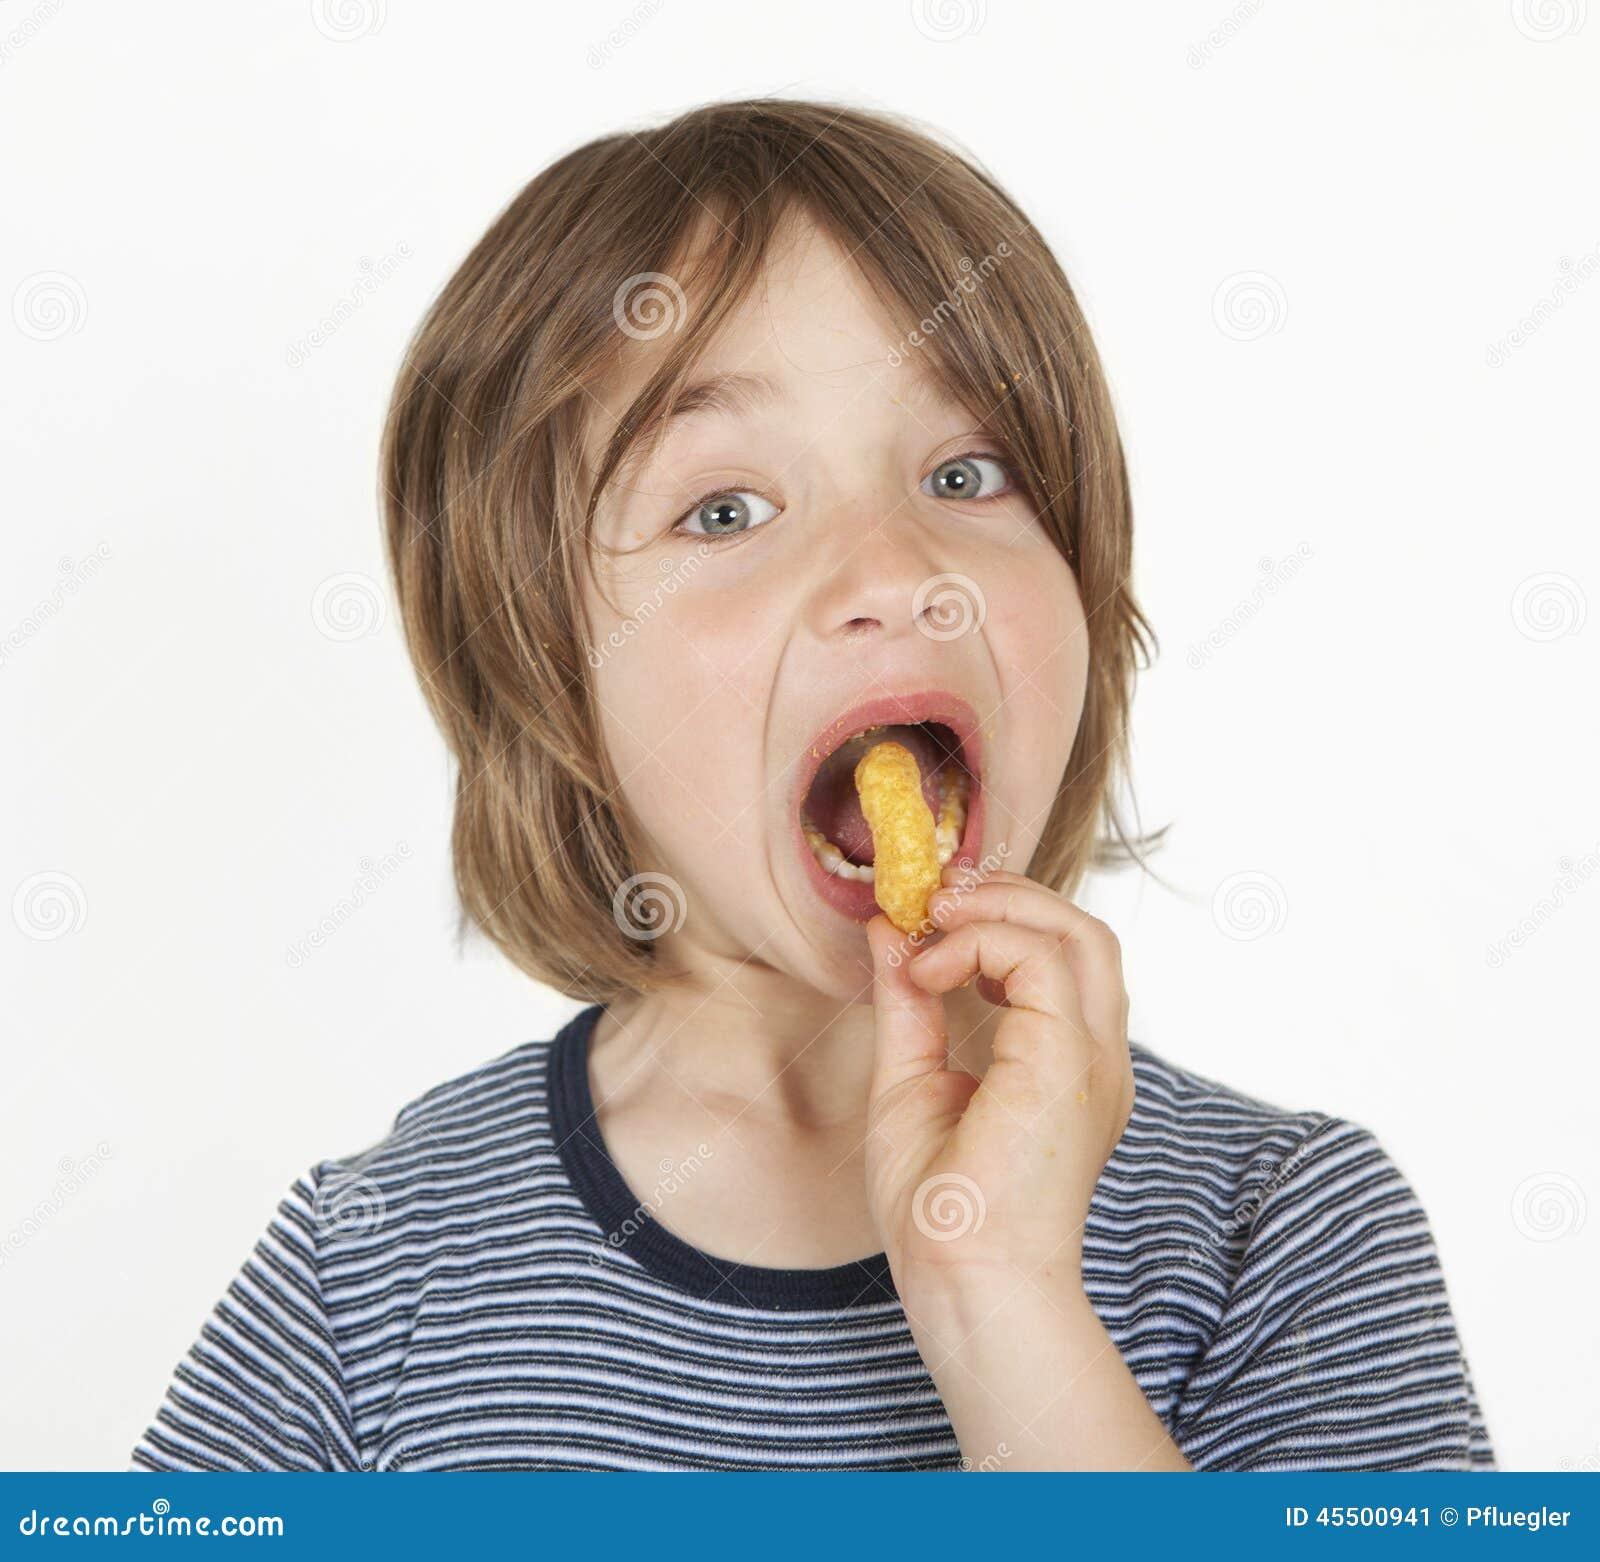 Menino com aletas do amendoim na boca